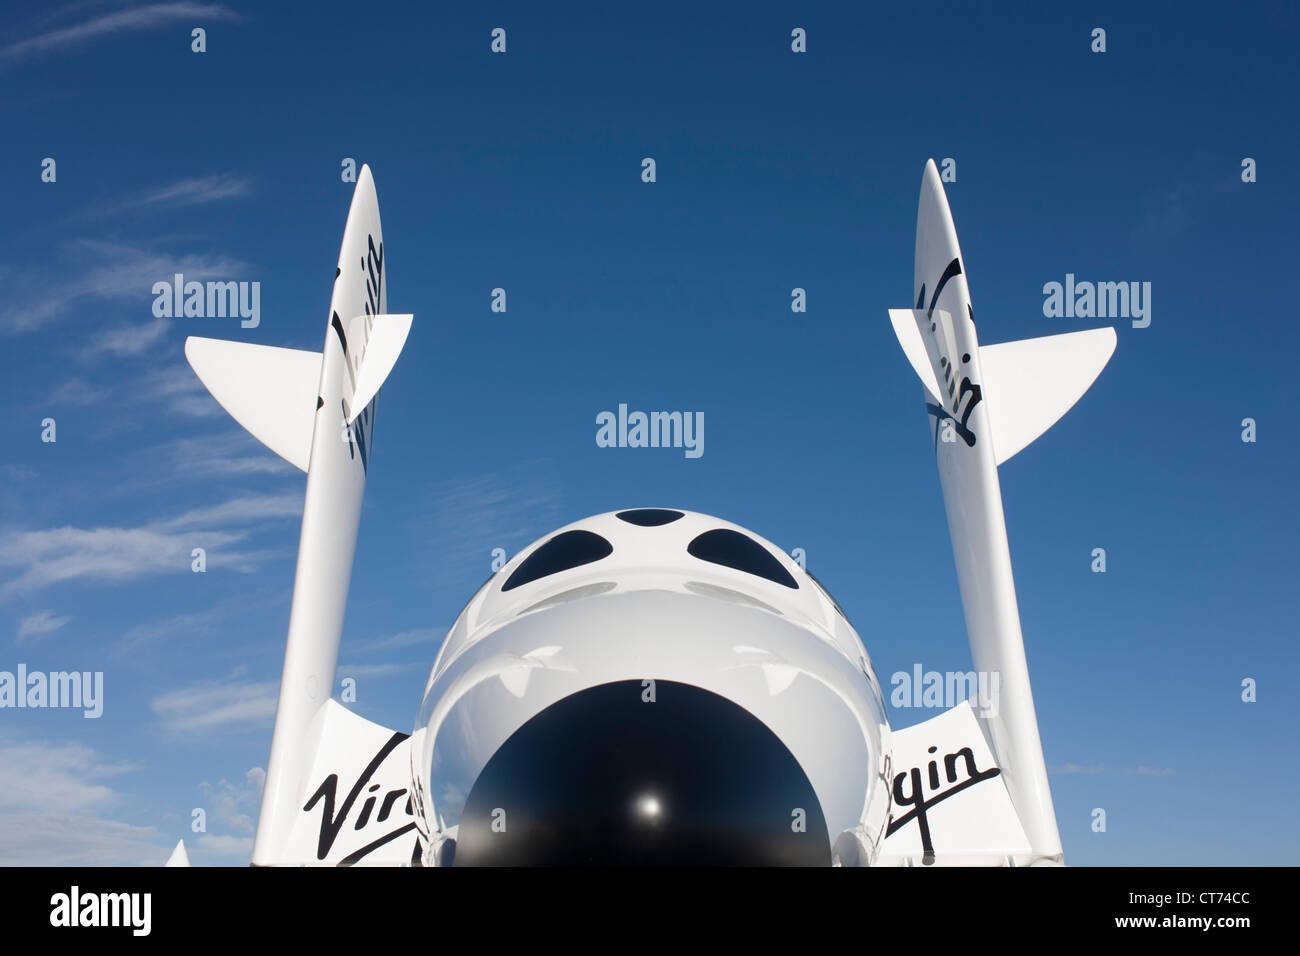 Modello di Virgin Galactic il turismo spaziale veicolo, SpaceShipTwo (SS2) al salone di Farnborough. Immagini Stock